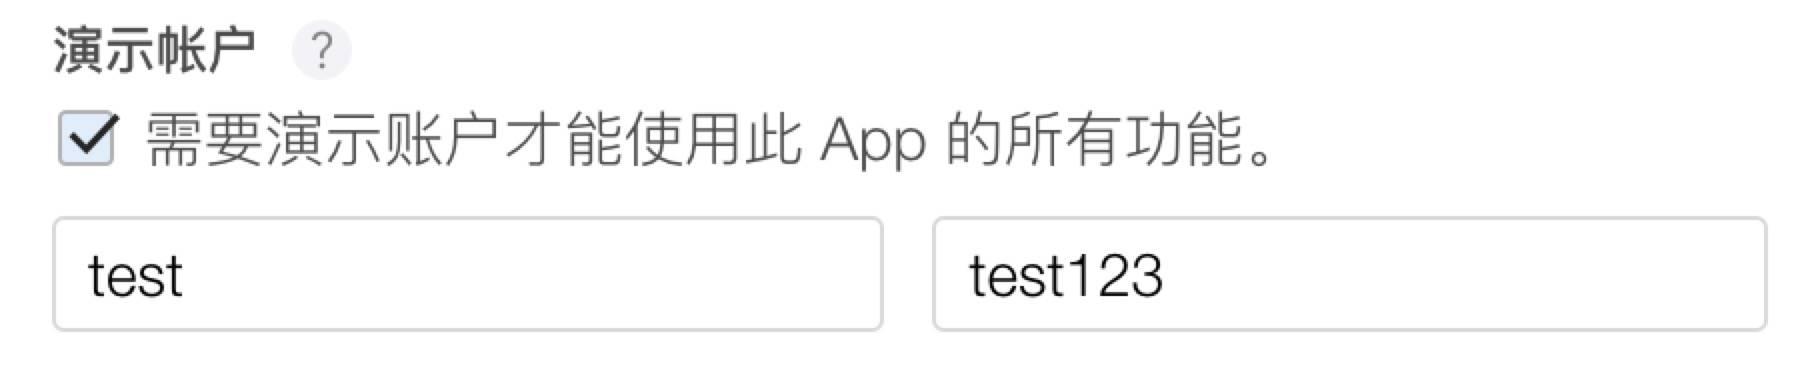 鸟哥笔记,ASO,云峰小罗,APP推广,App Store,优化,应用商店,苹果